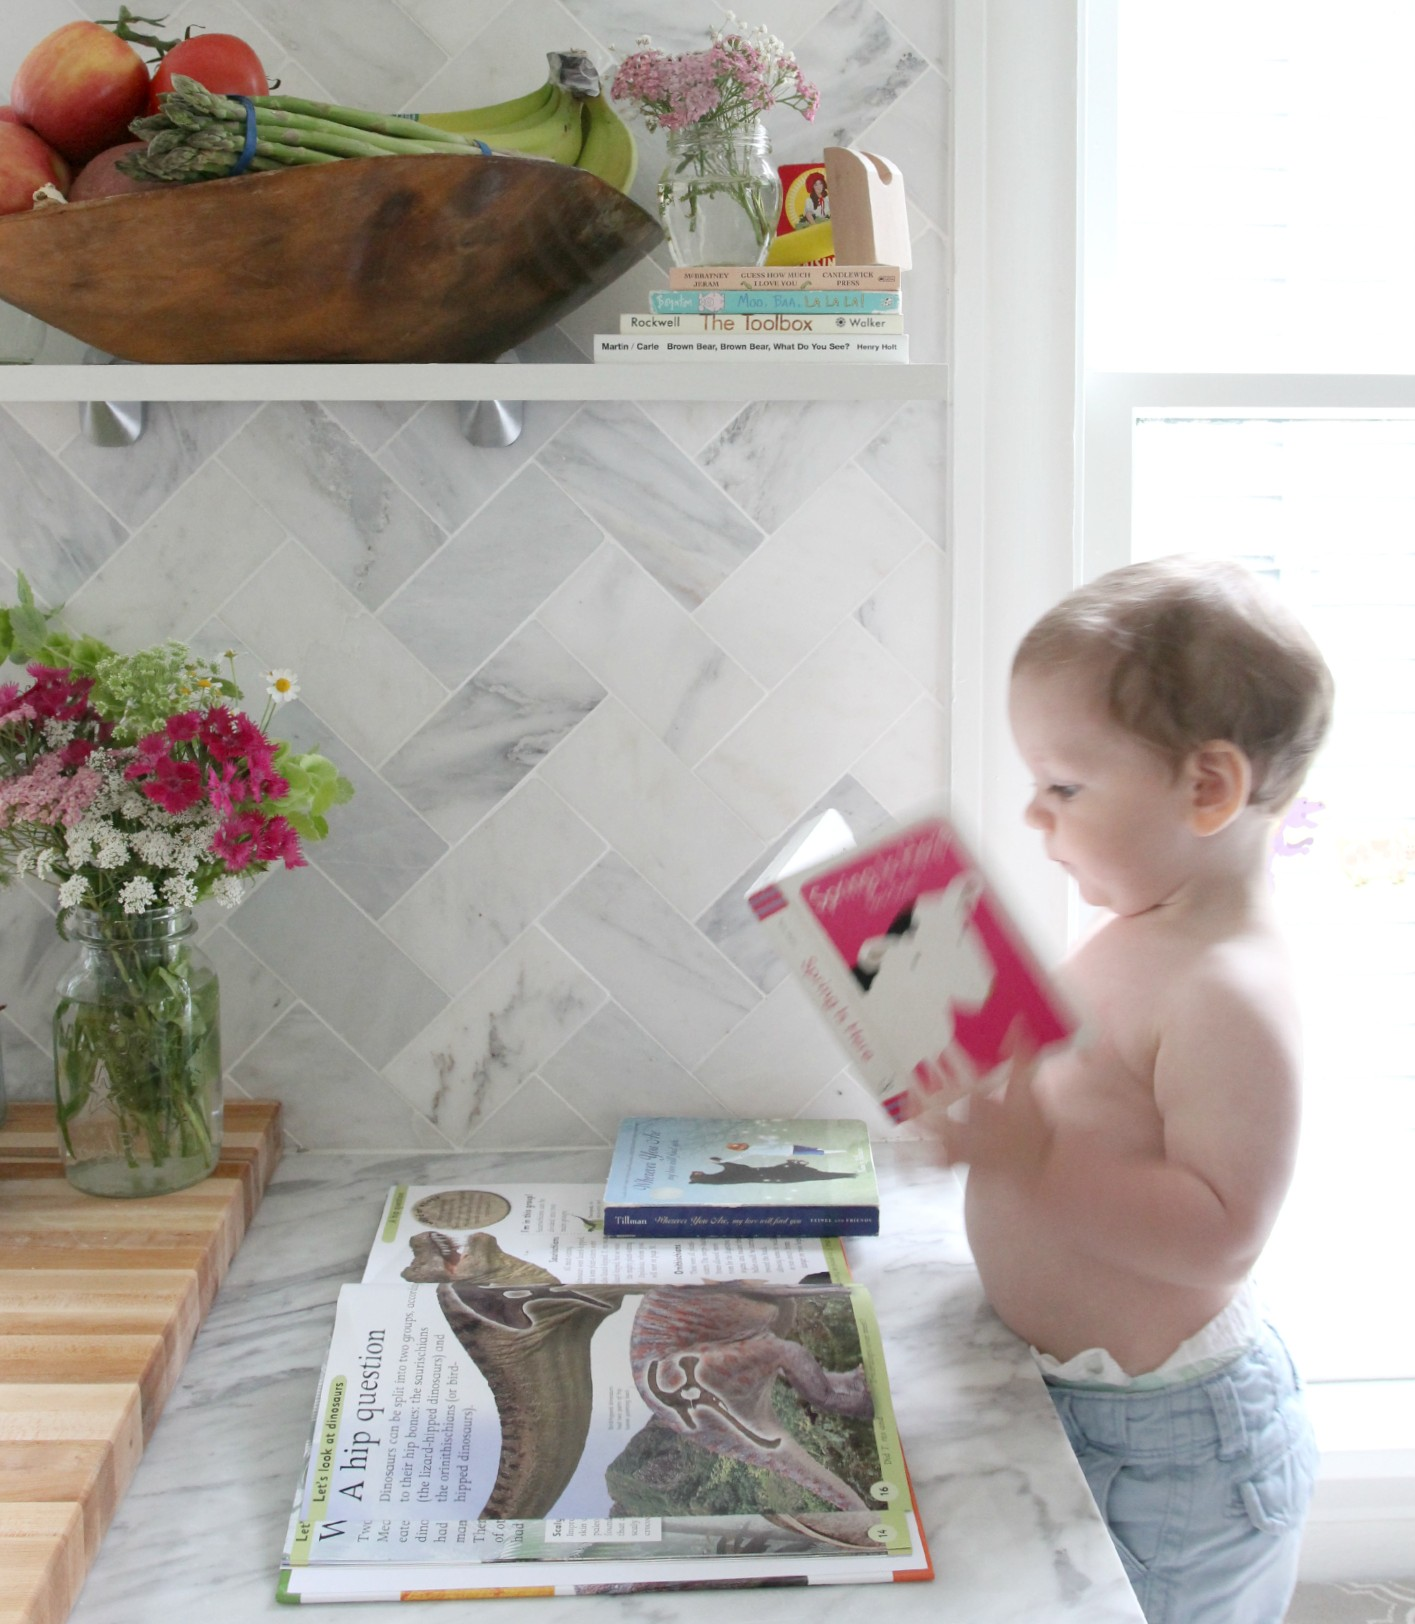 Kitchen-Wilder-reading-at-Bench1-e1406241706209.jpg